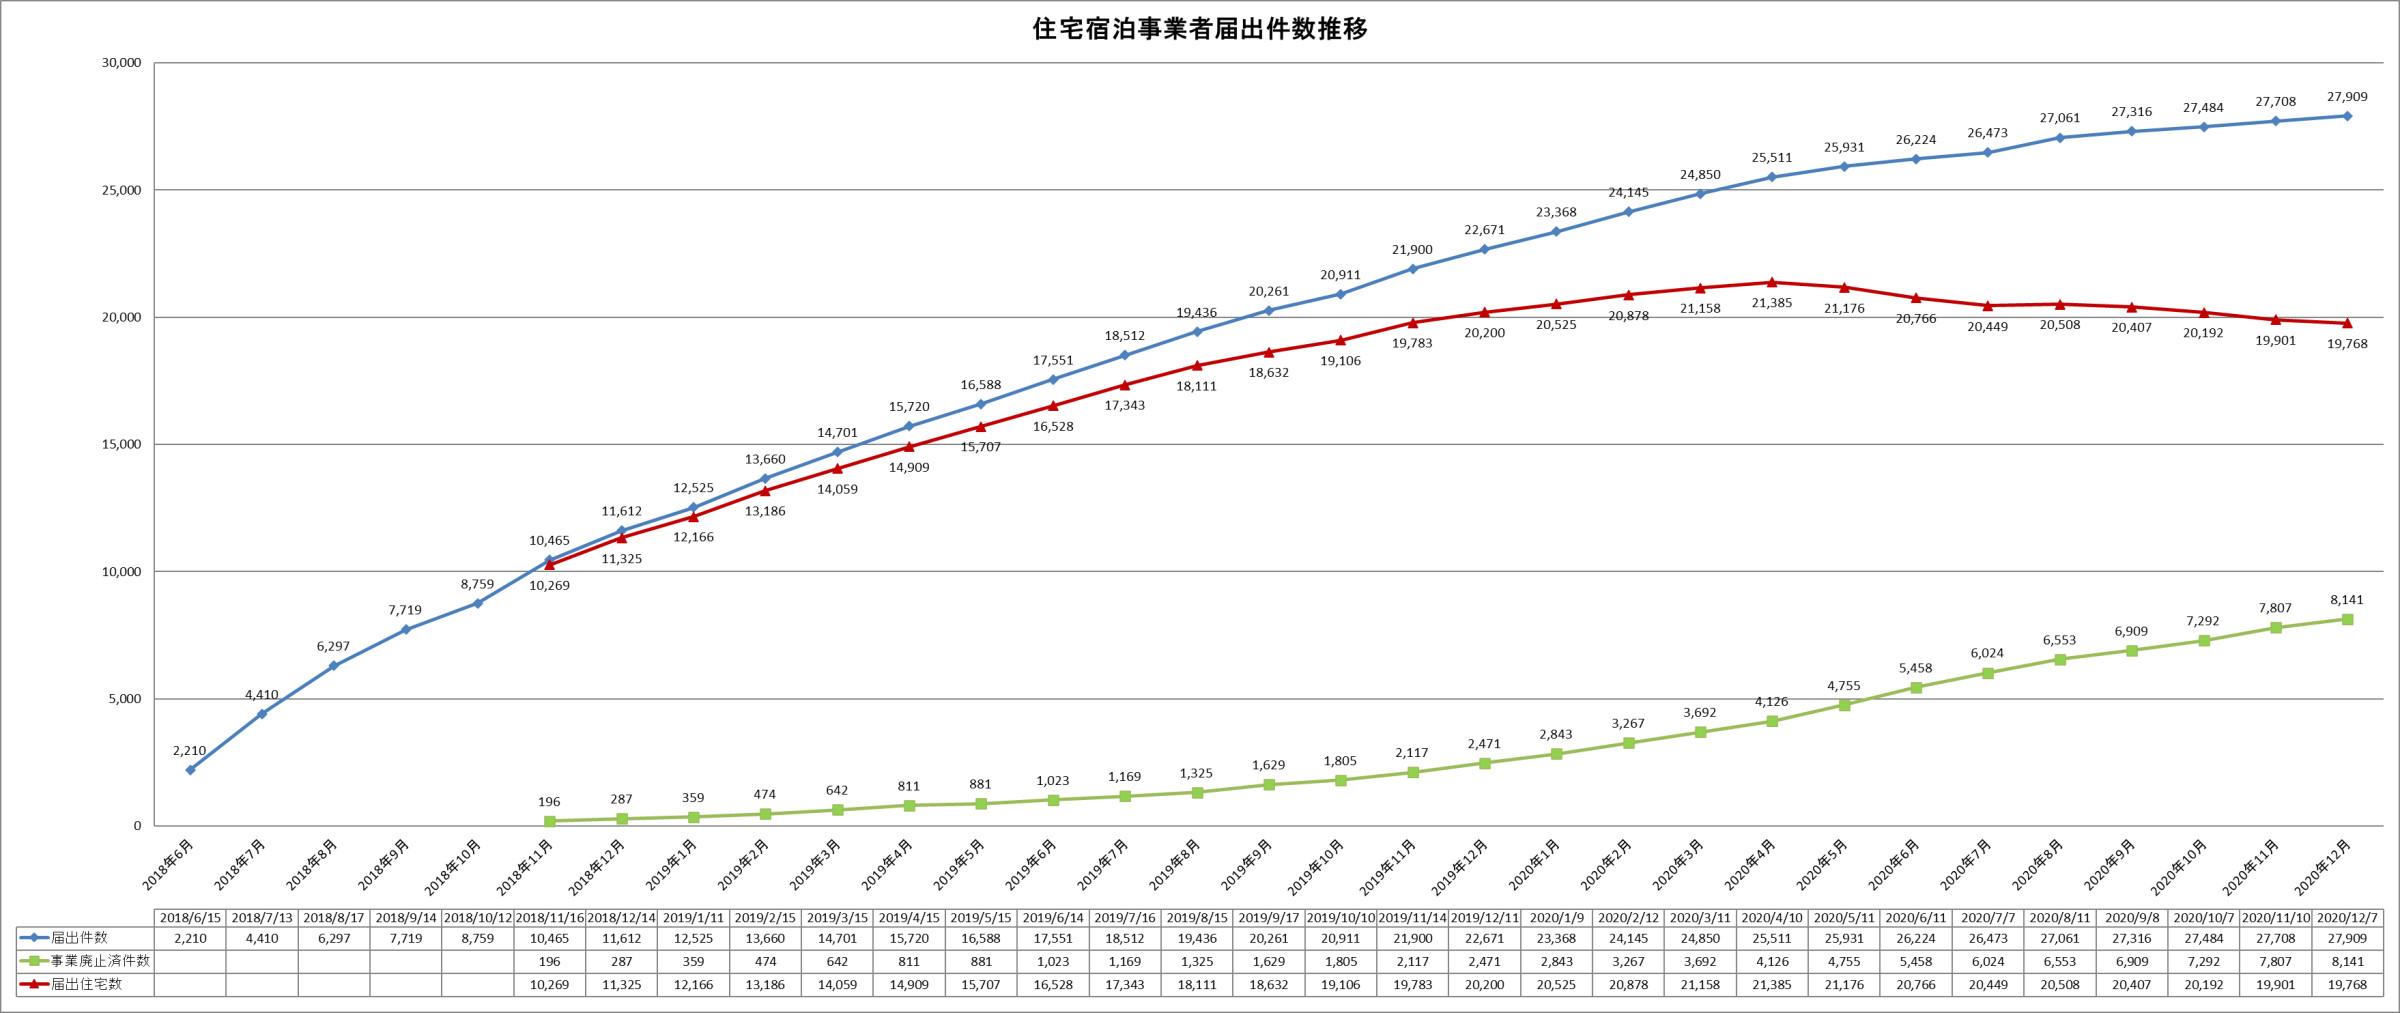 住宅宿泊事業者届出件数推移(2020年12月7日時点)